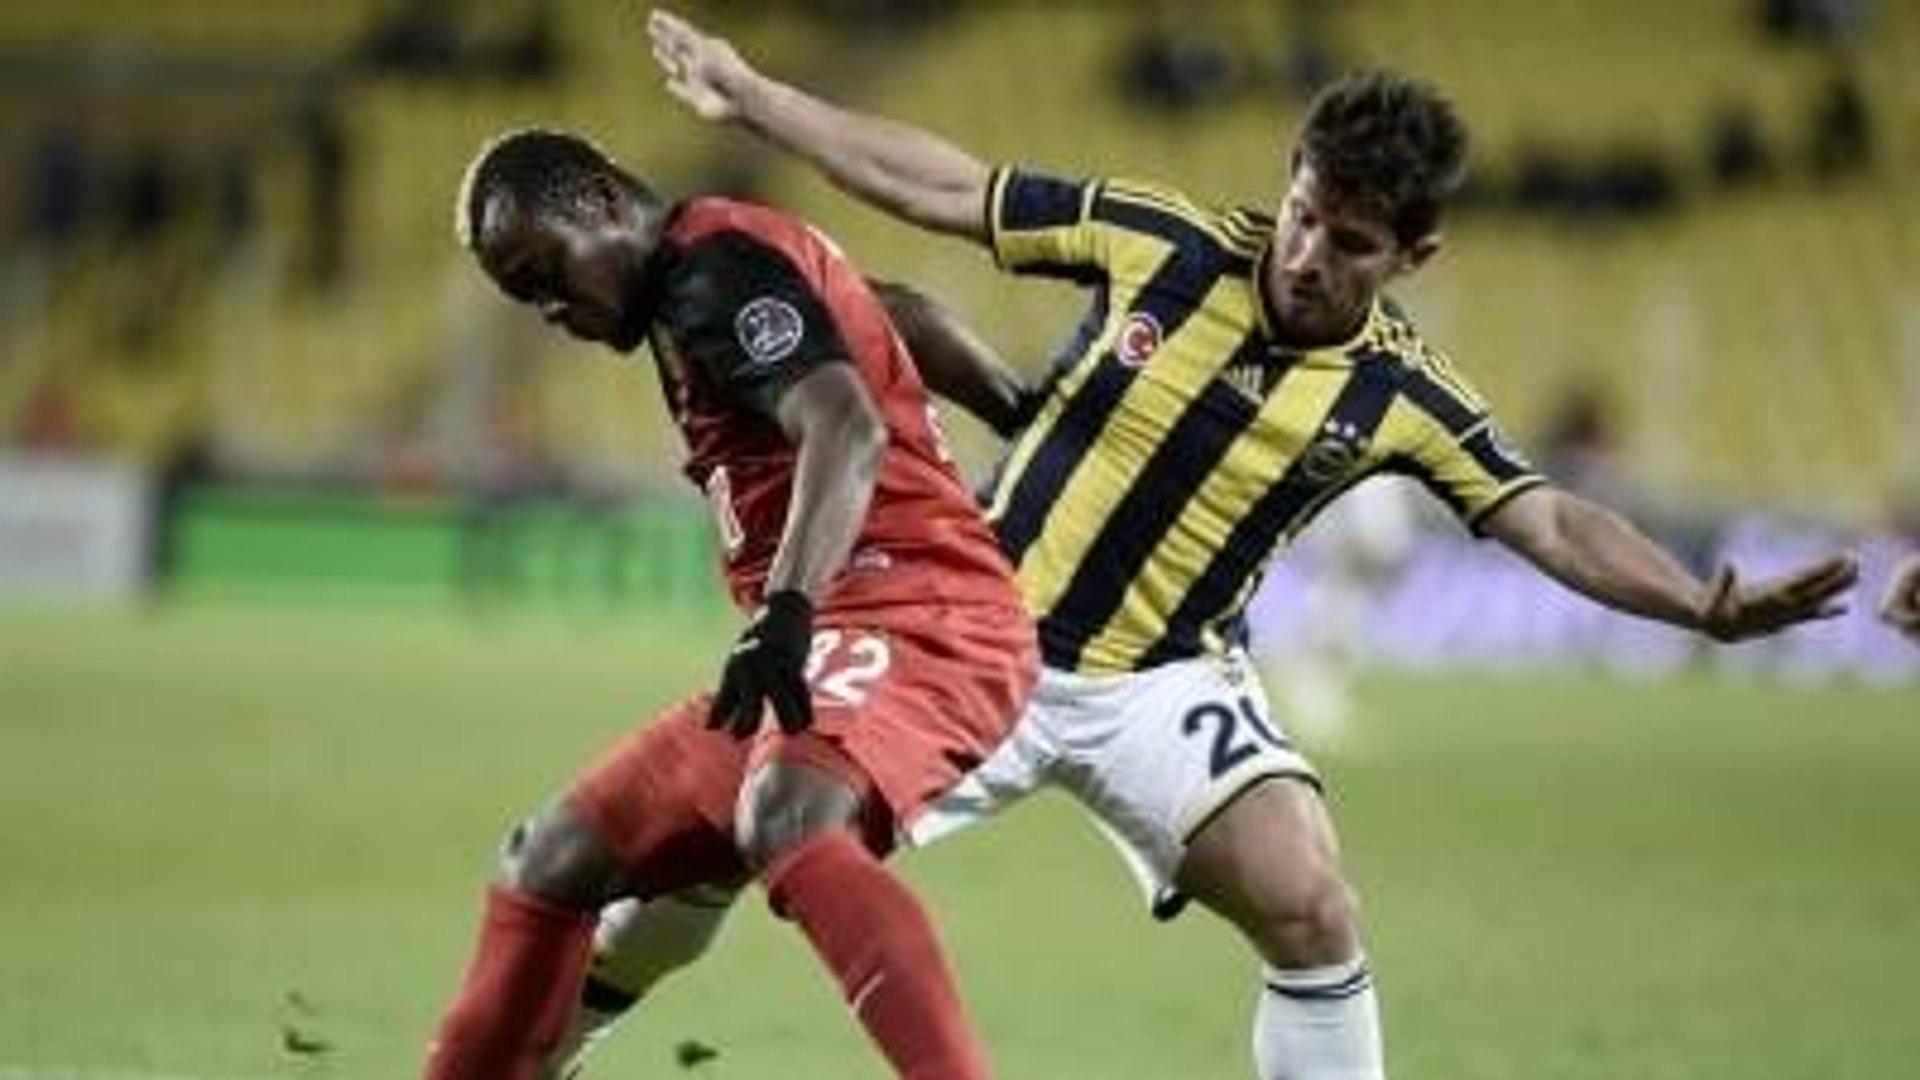 Balıkesirspor Fenerbahçe Canlı İzle Balıkesirspor Fenerbahçe Maçını İzle Canlı İzle